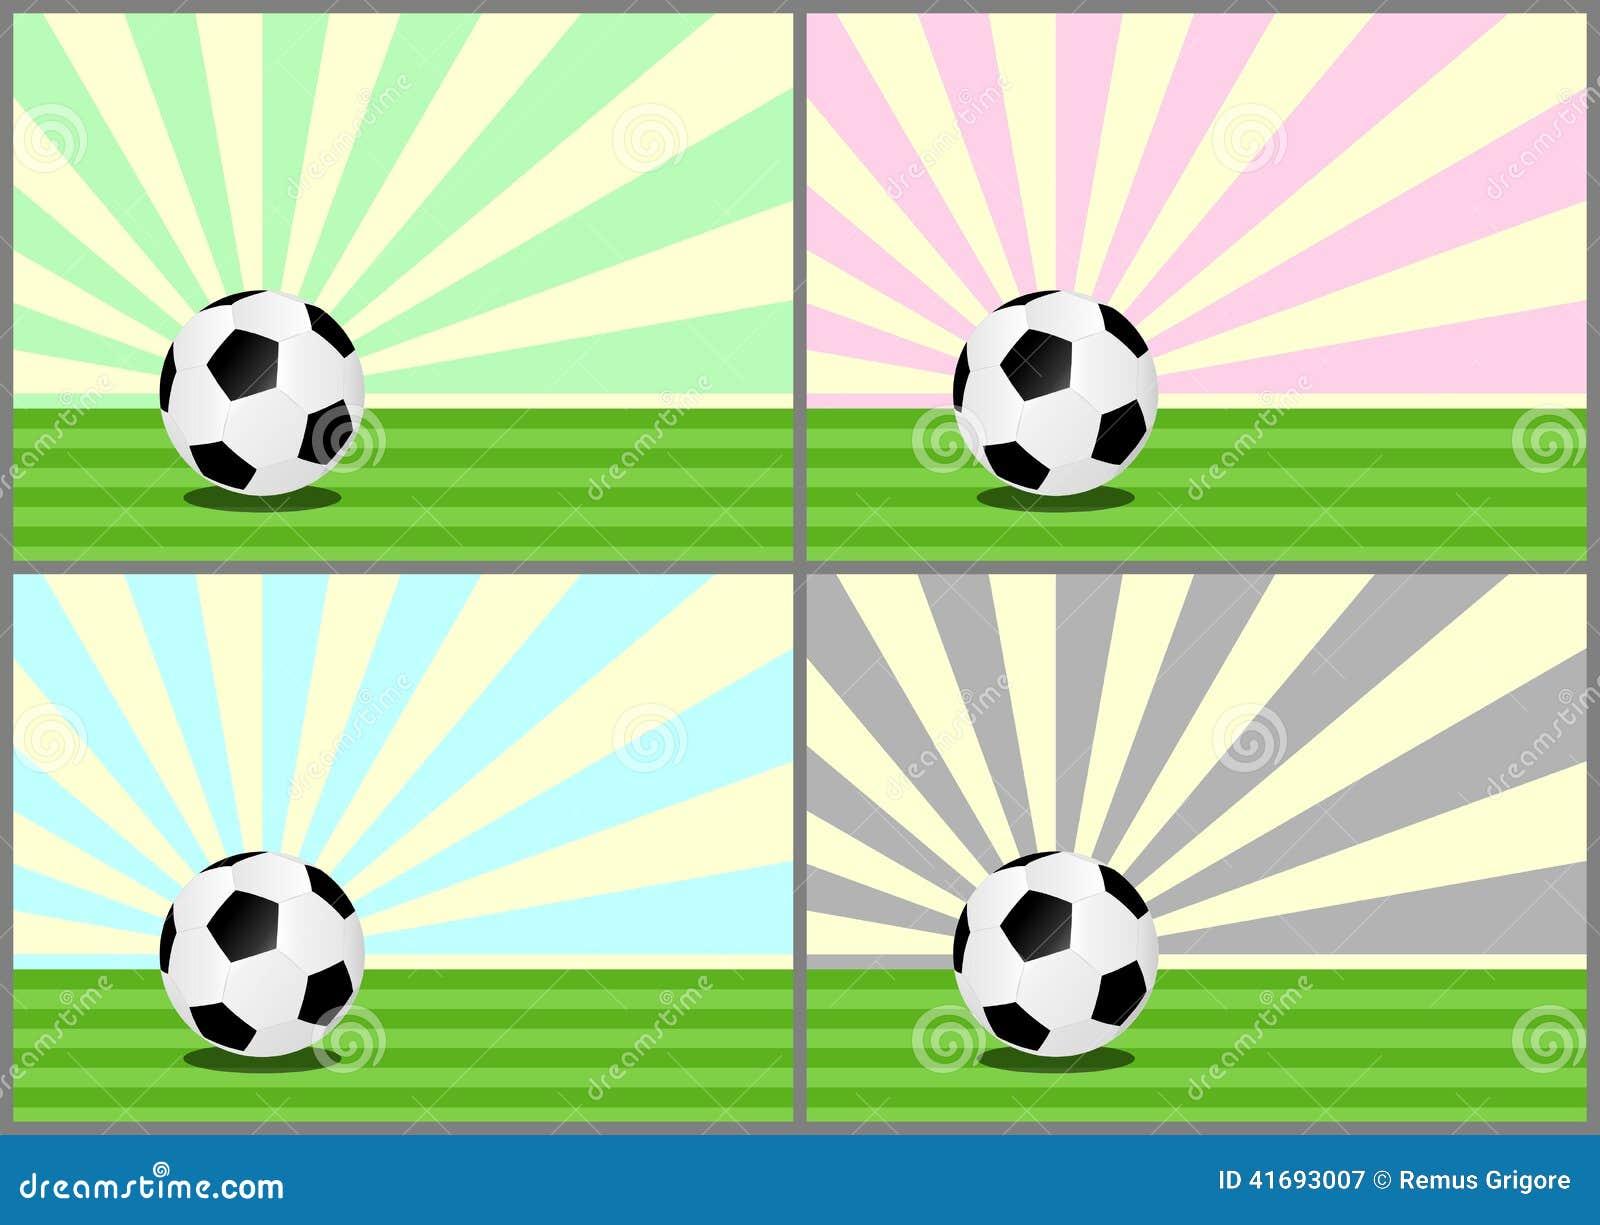 Illustrationen för bollar 3d framförde fotboll